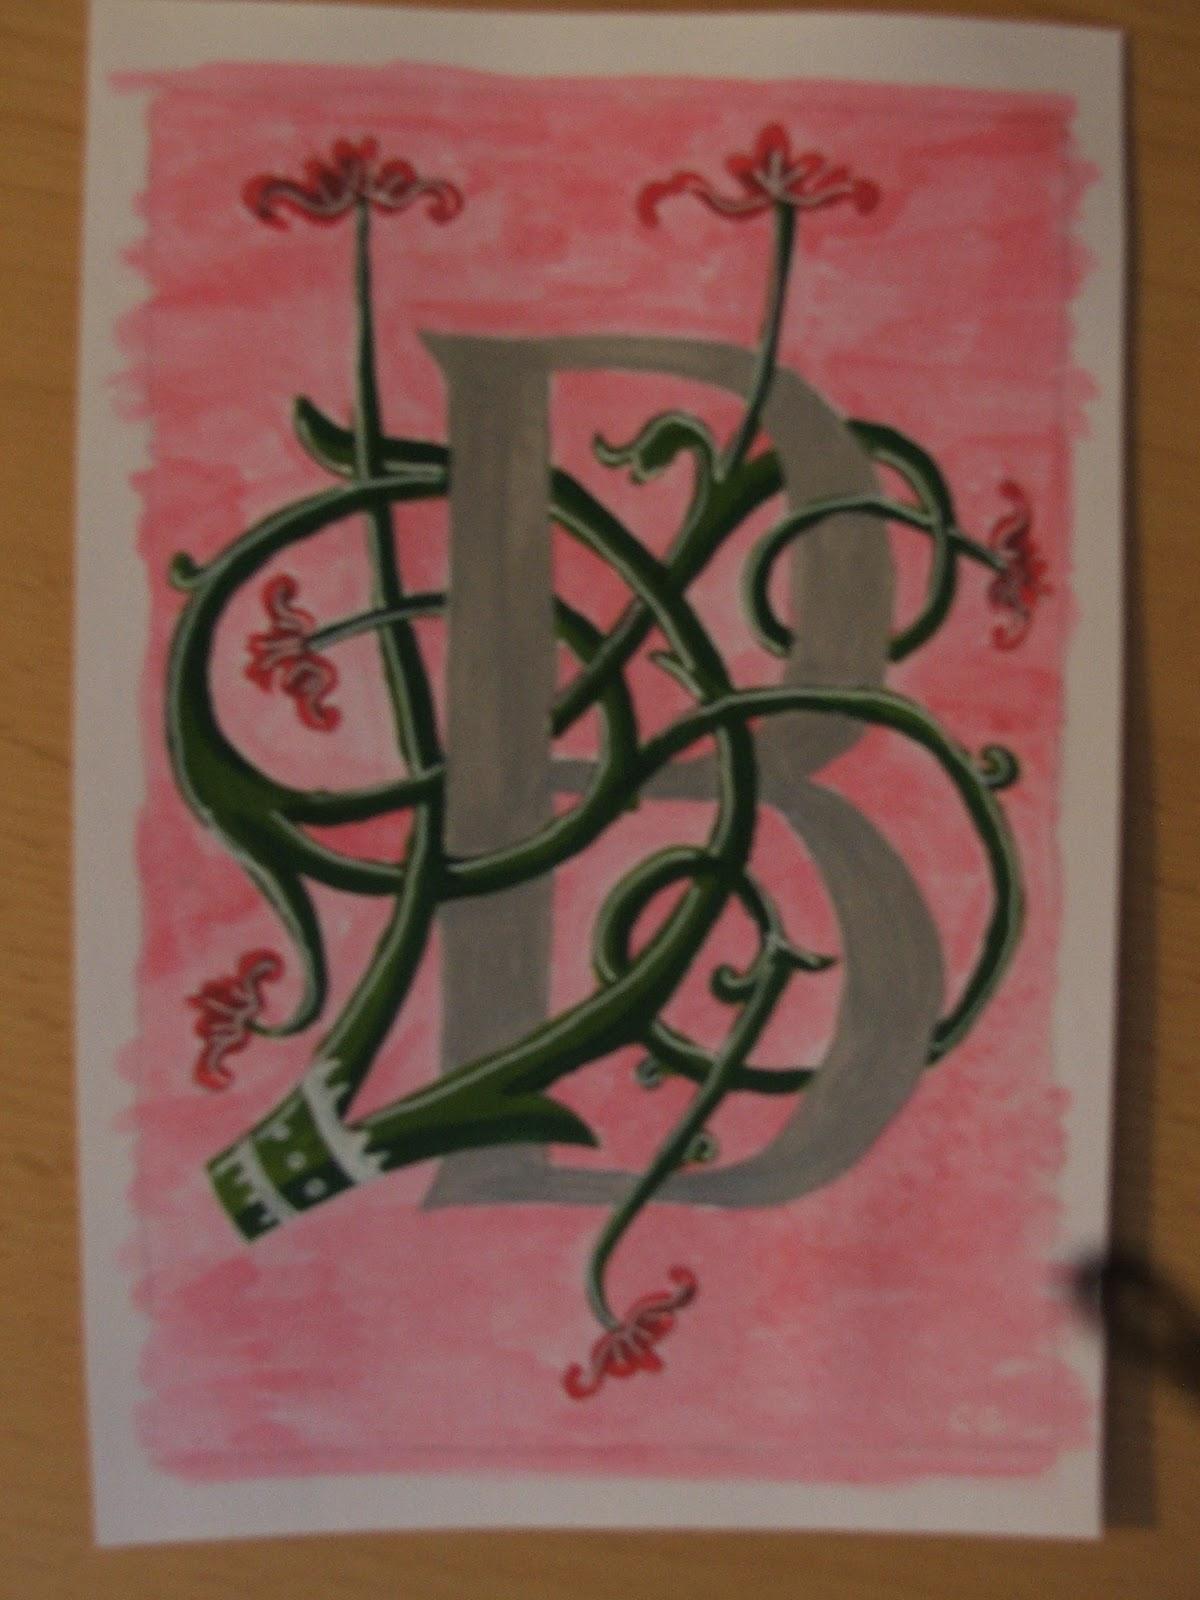 Choisir calligraphie pour la tatouage - Tatouage De Lettre Calligraphique